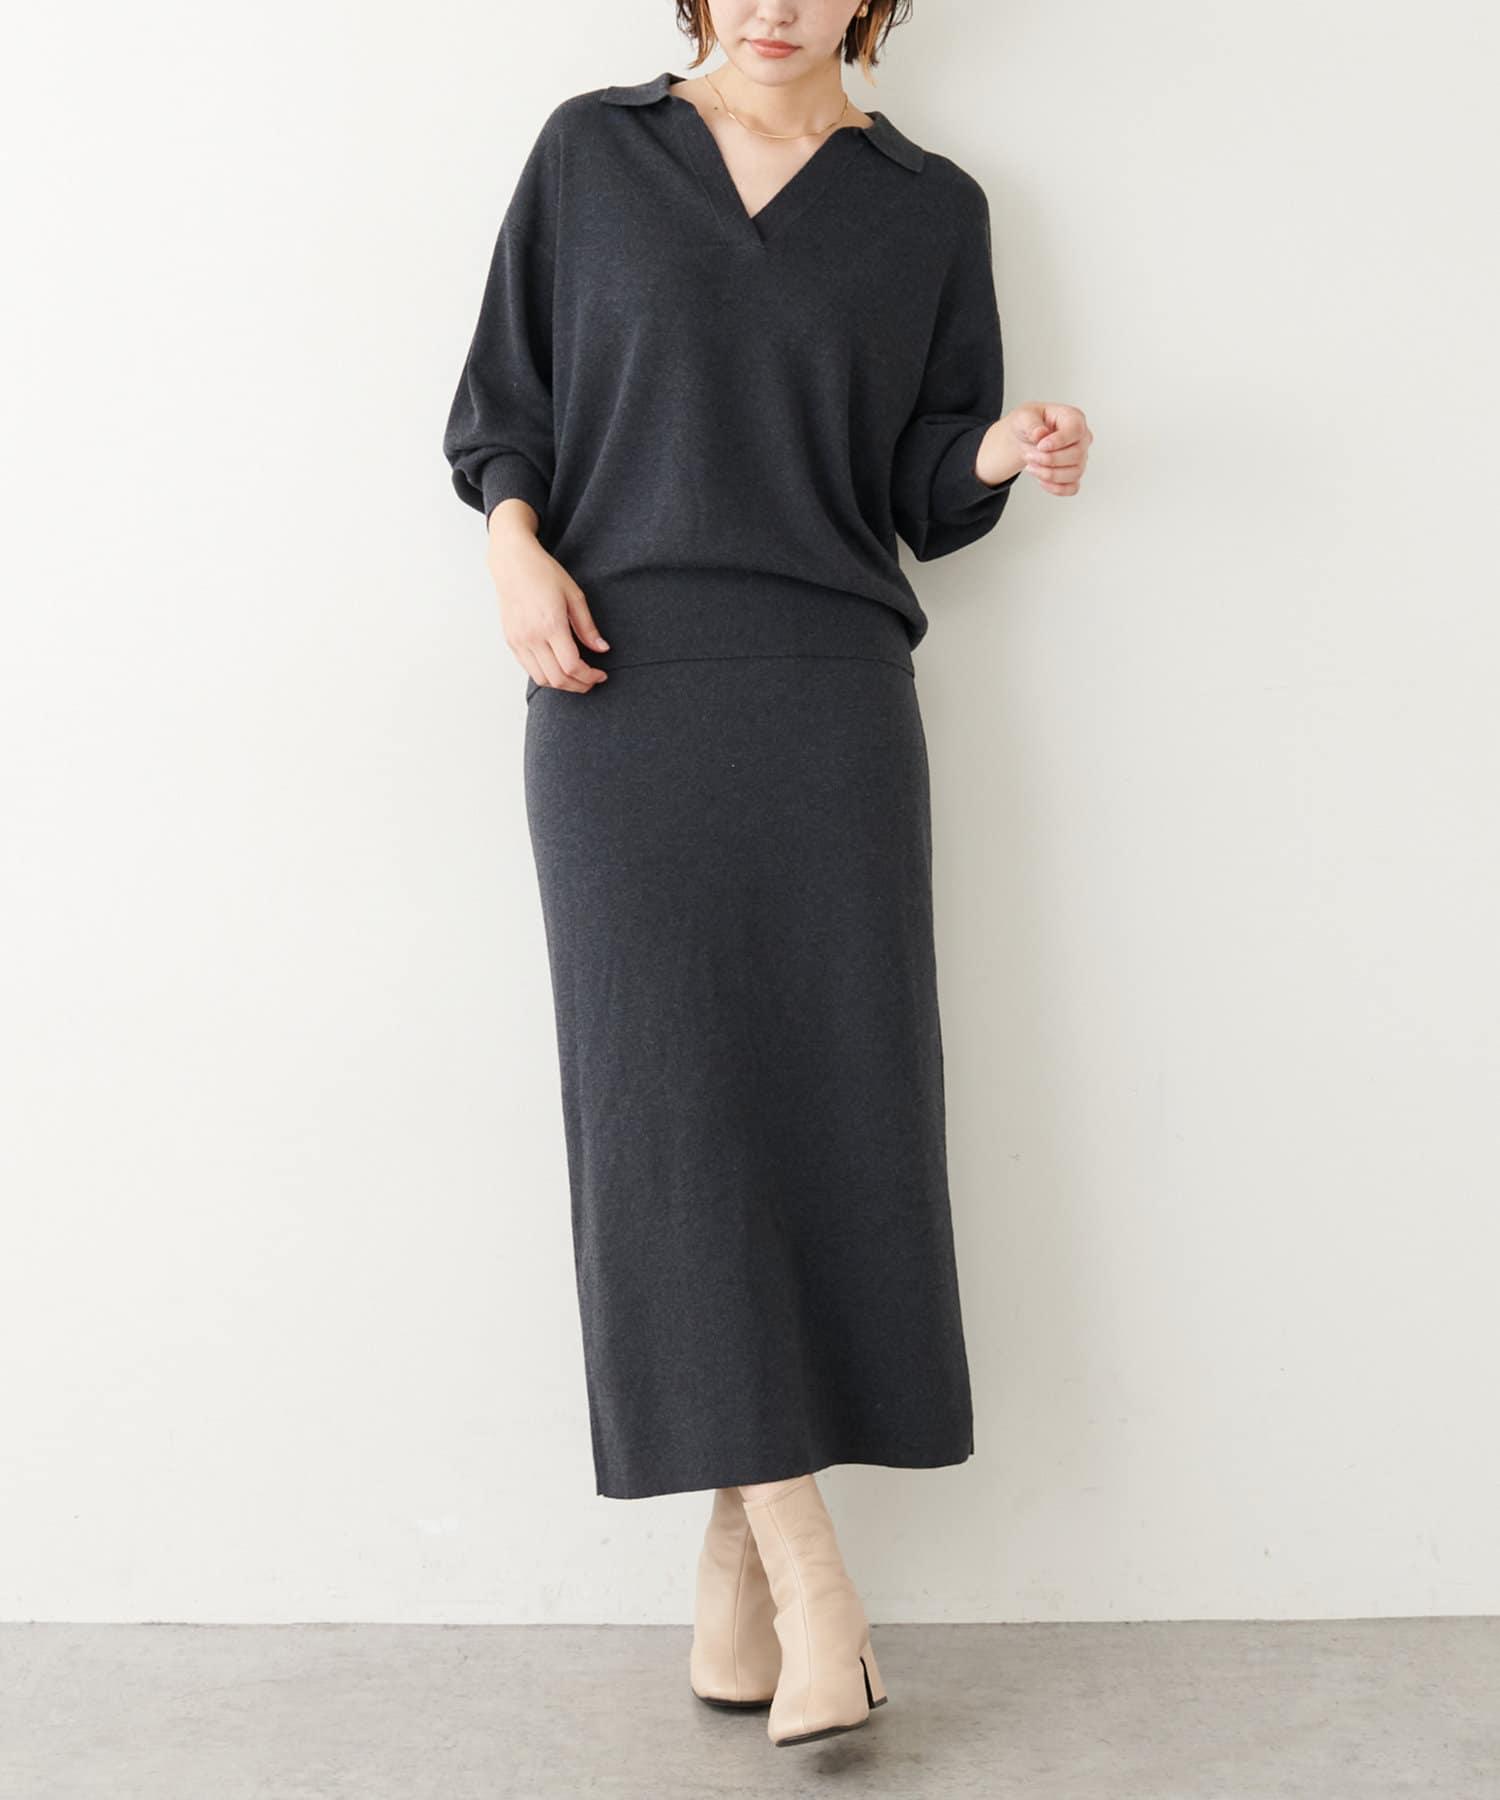 COLLAGE GALLARDAGALANTE(コラージュ ガリャルダガランテ) 衿付きニットセットアップ